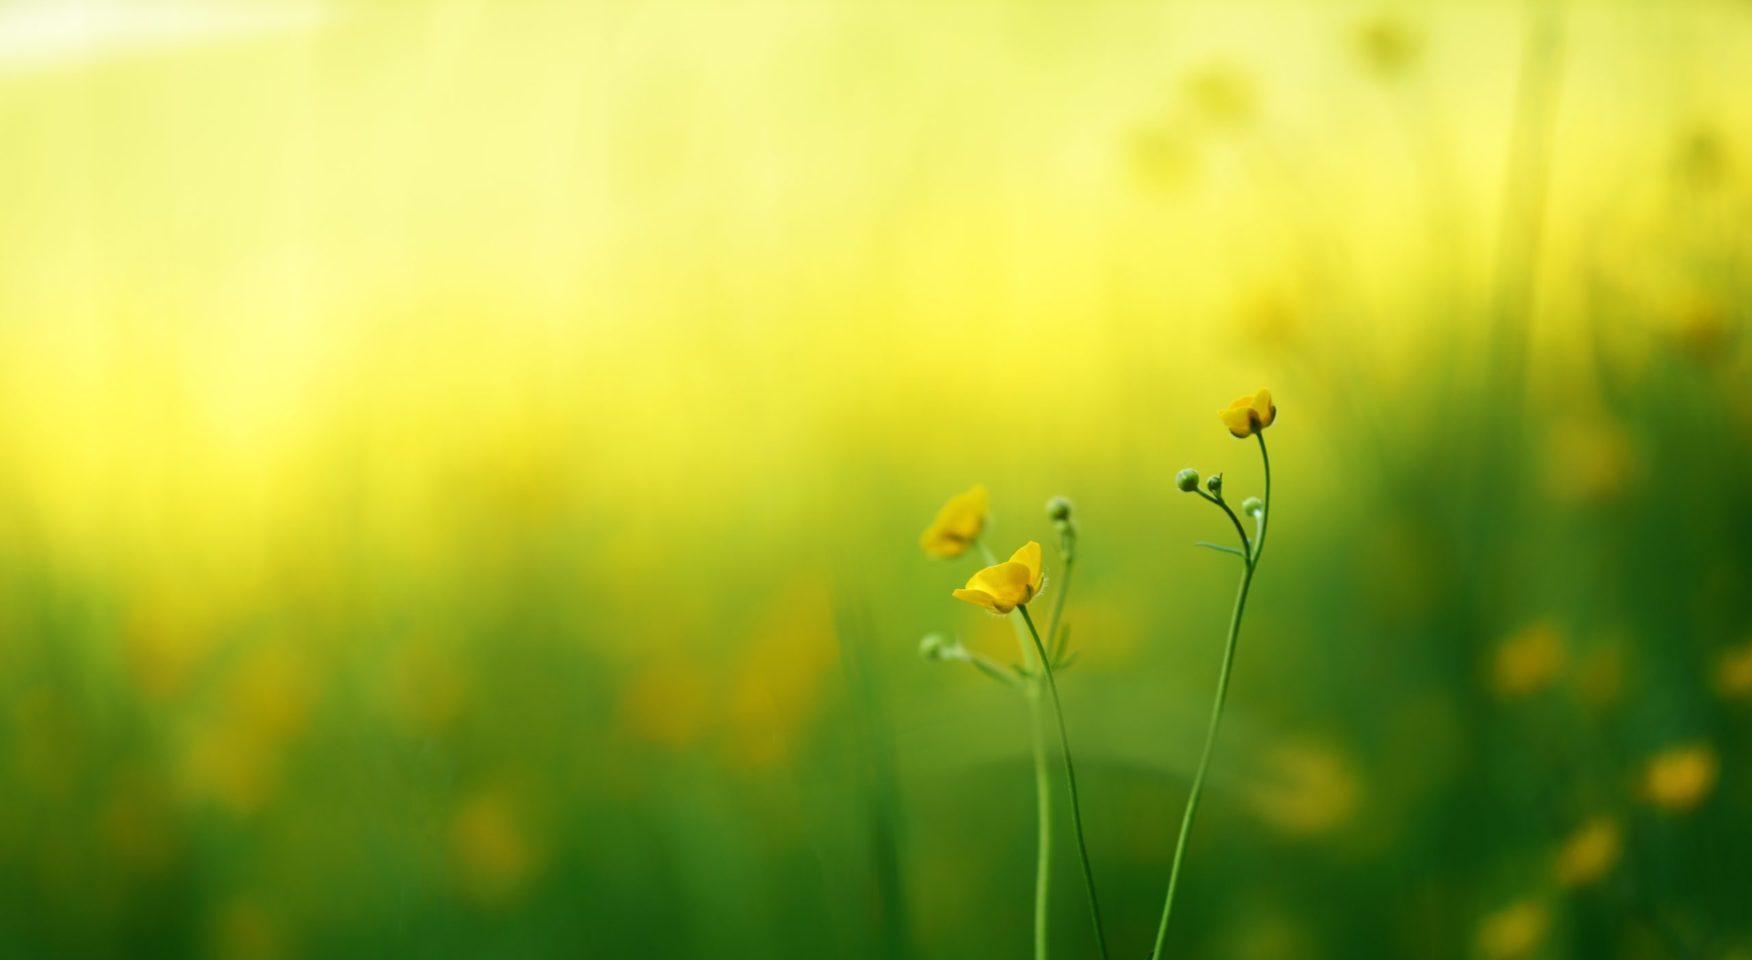 Field of buttercups